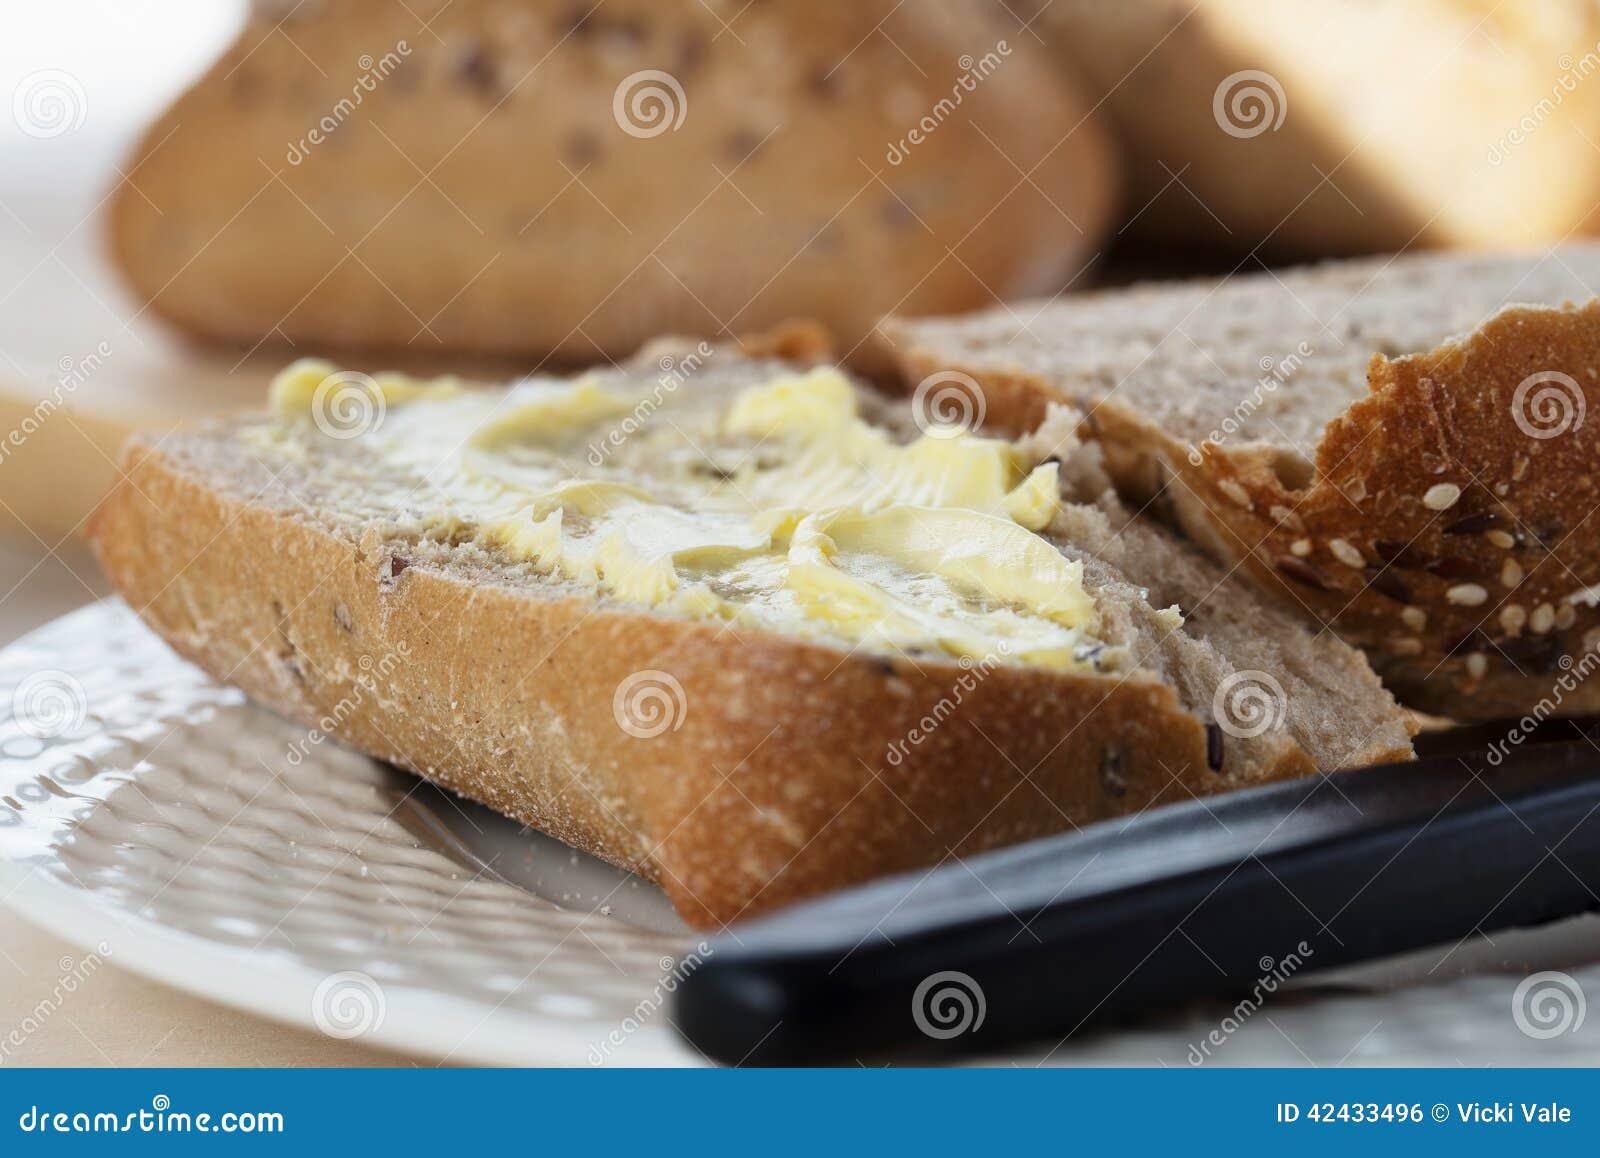 Mitad de Ciabatta de un rollo de pan untado con mantequilla